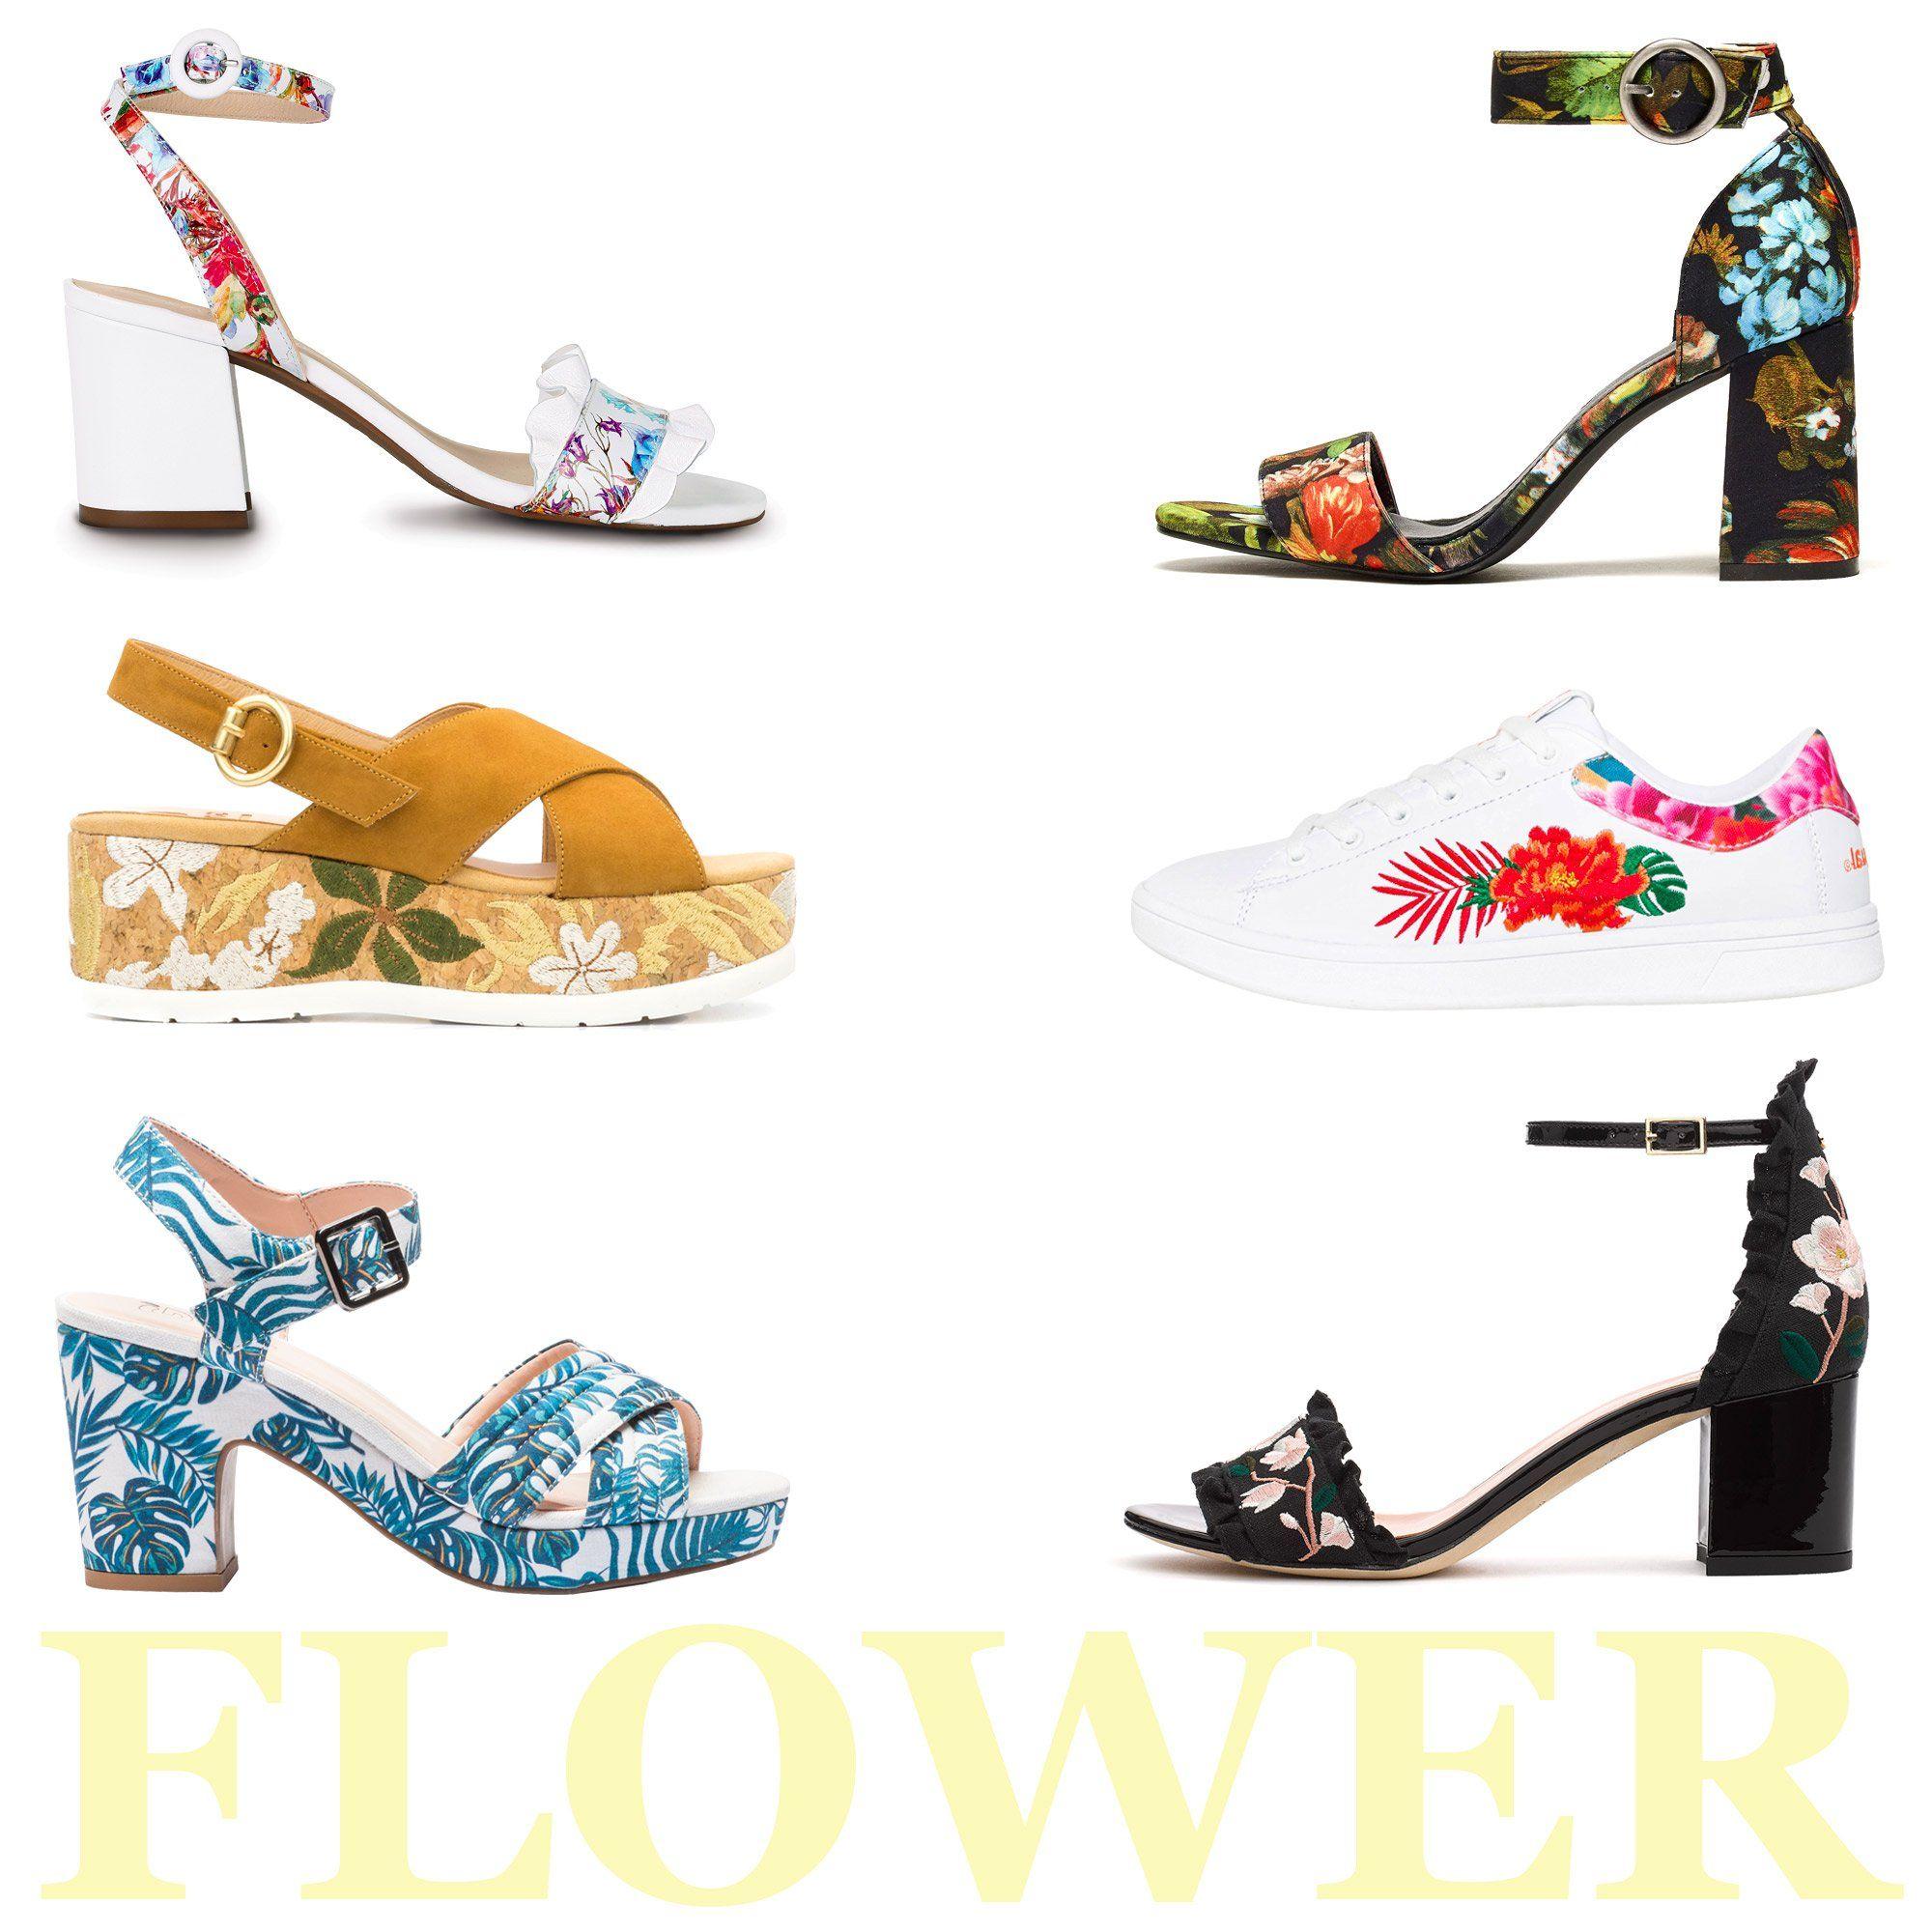 Chaussures printemps été 2020 : les tendances à adopter